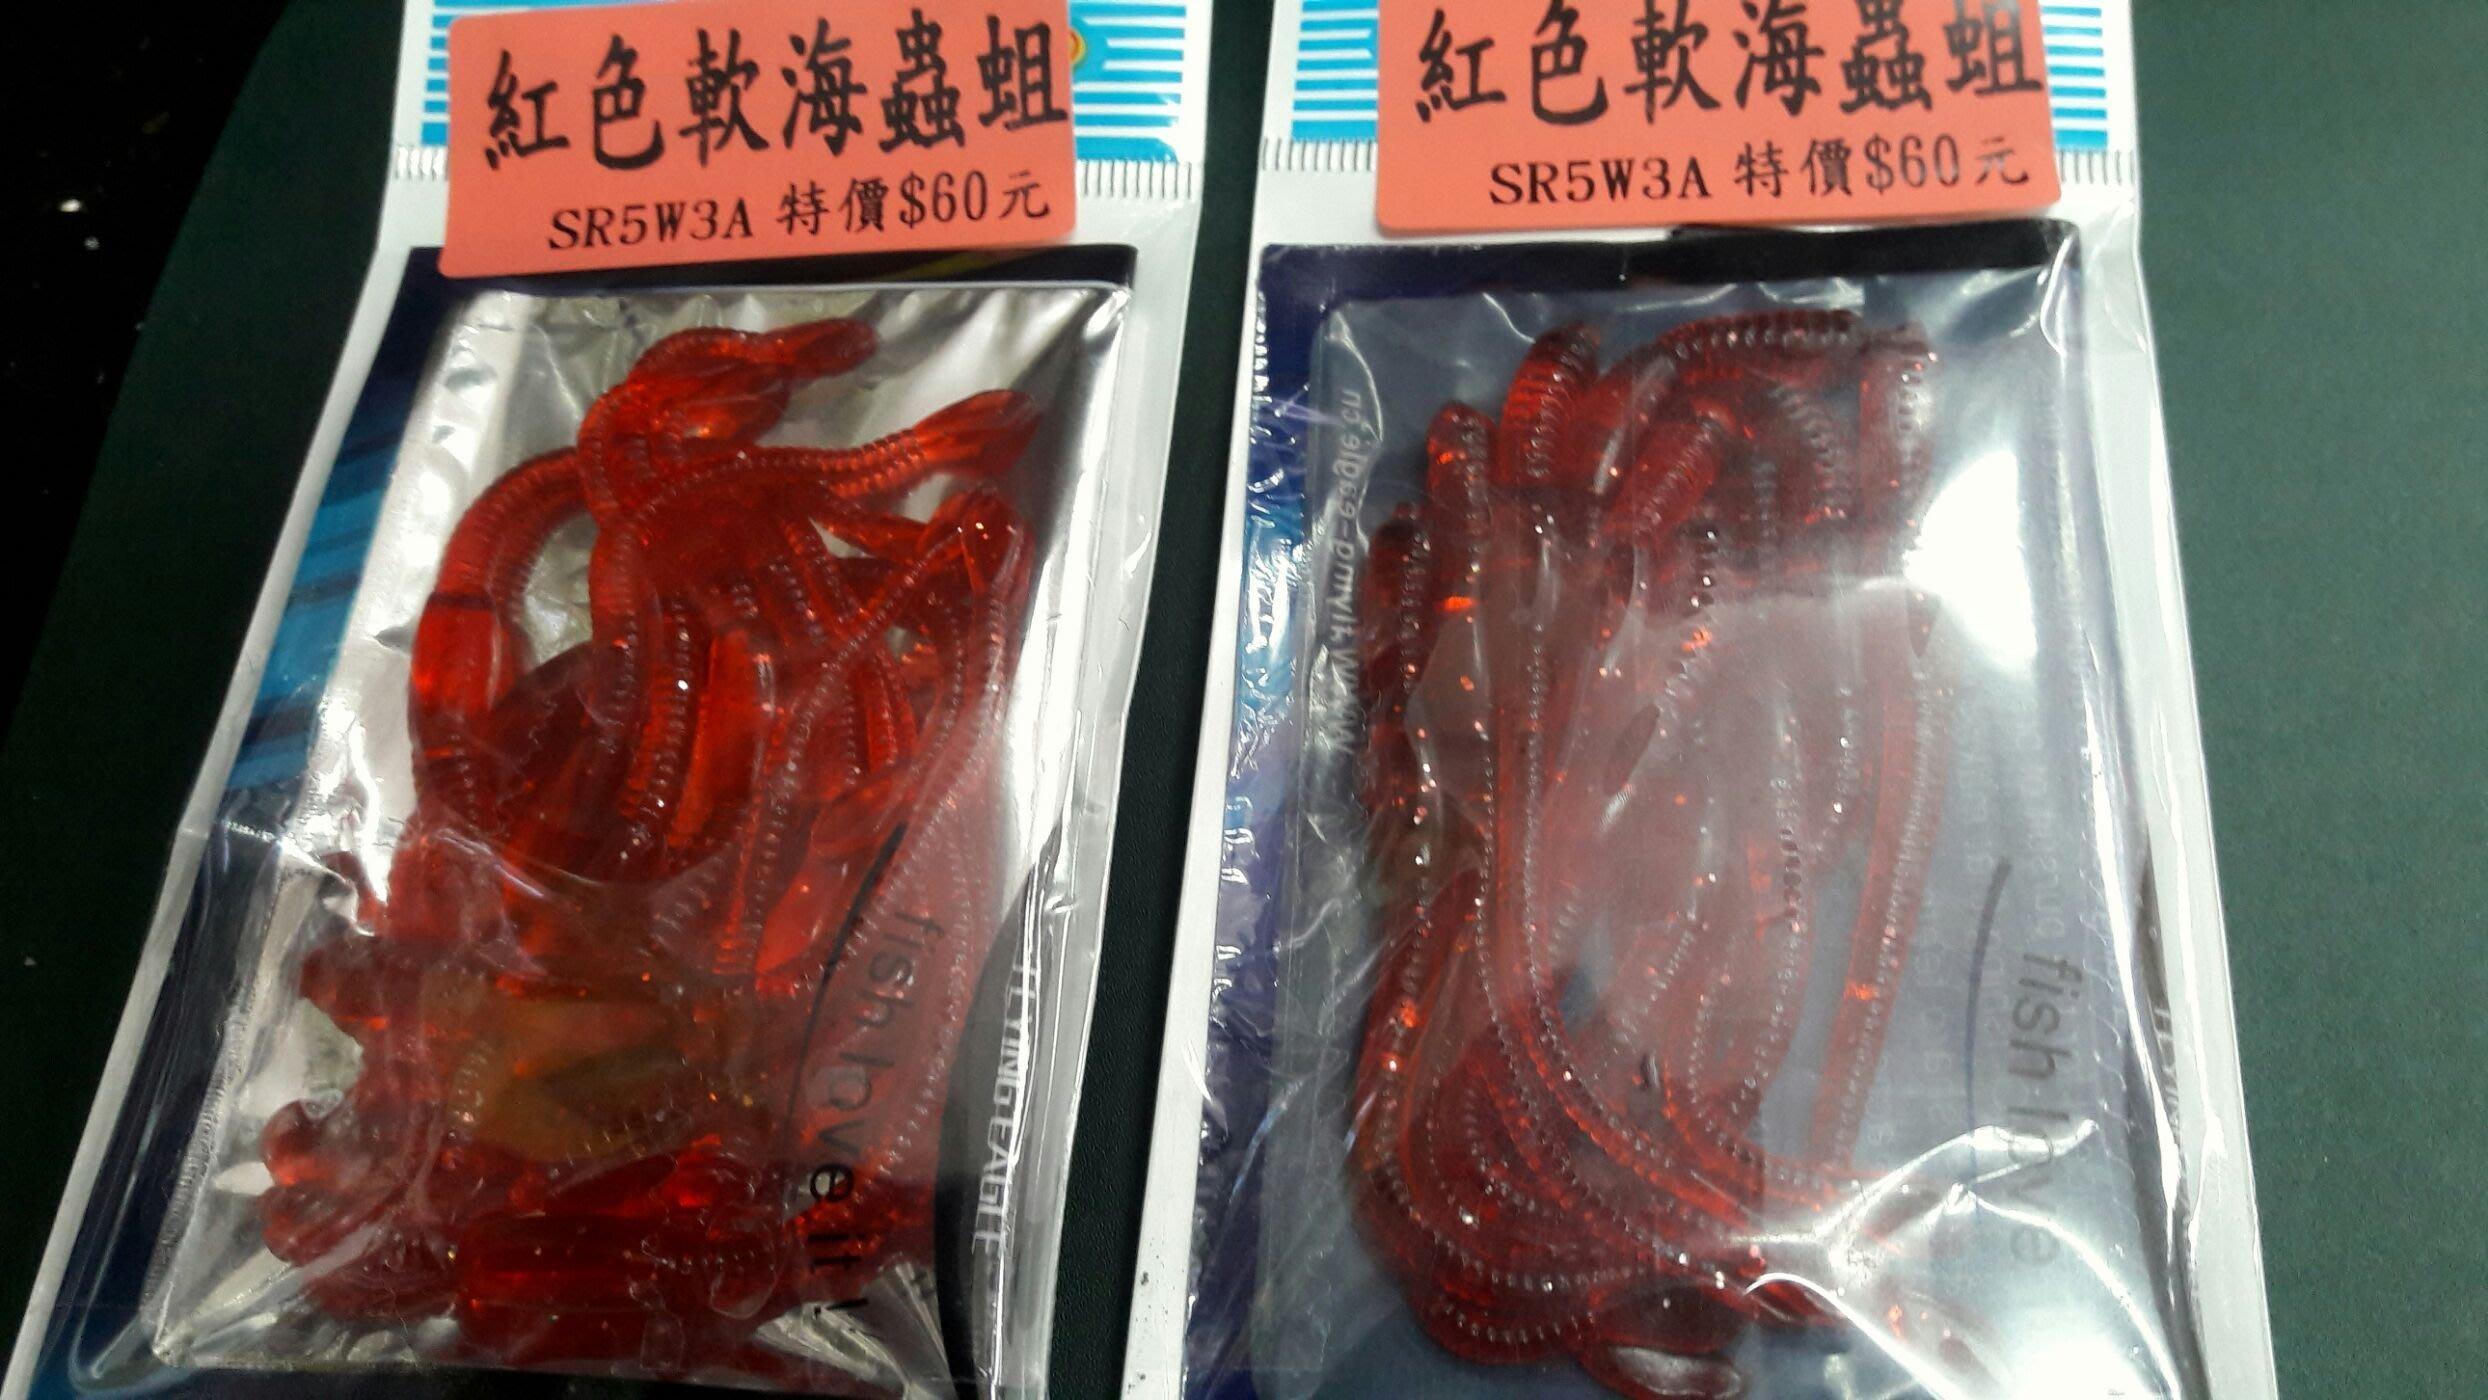 【欣の店】路亞小蟲  軟蟲路亞  蚯蚓軟蟲  蚯蚓   亮紅/暗紅